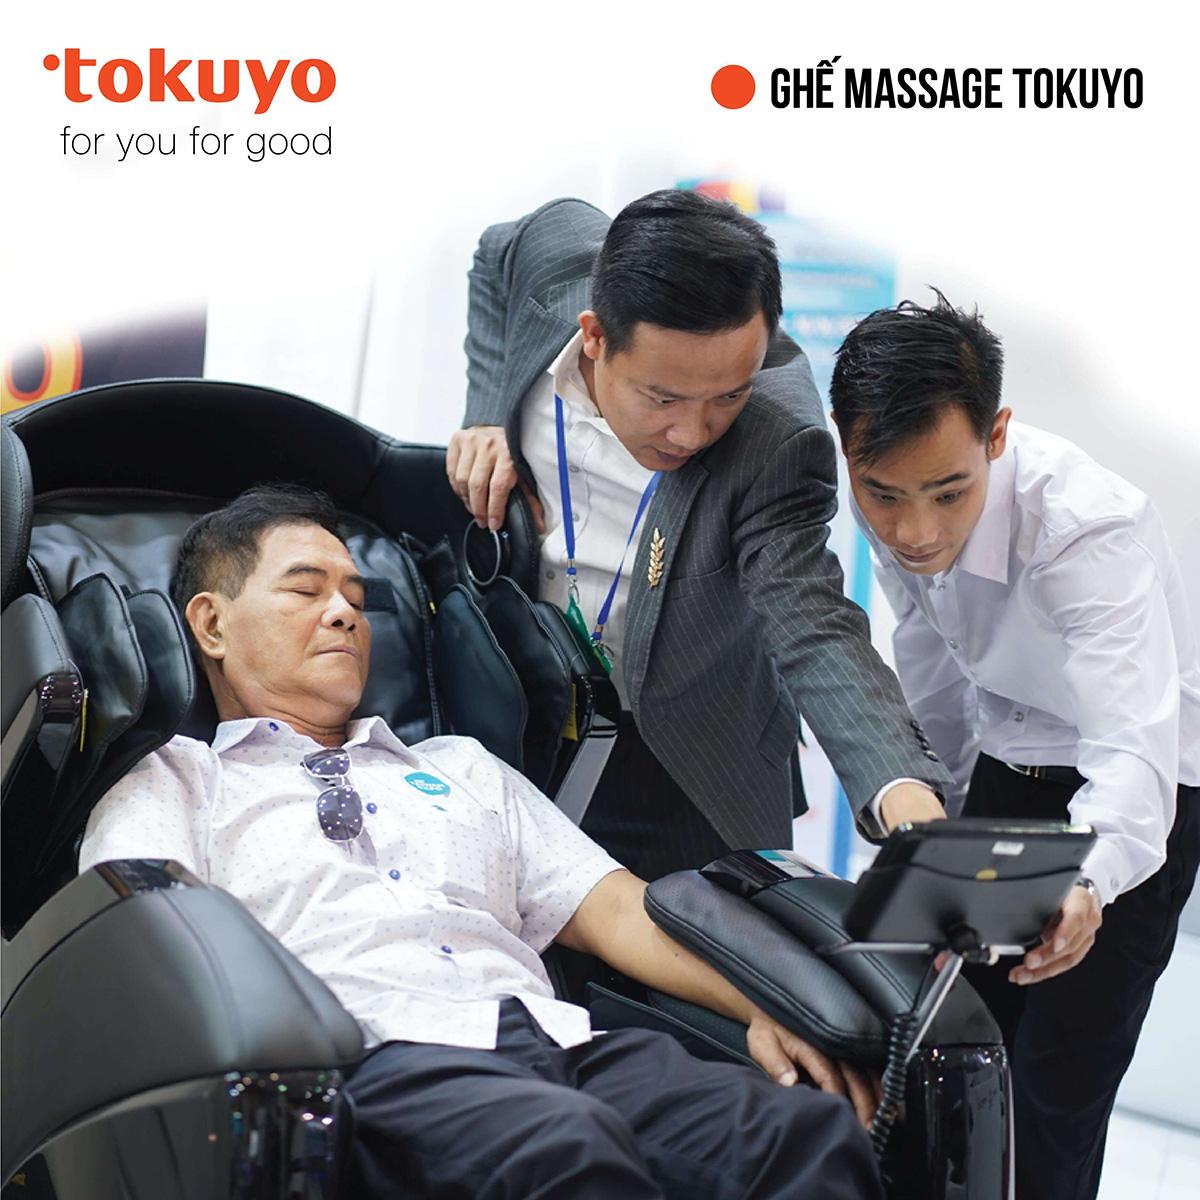 Tokuyo là thương hiệu ghế massage Nhật Bản hàng đầu Việt Nam